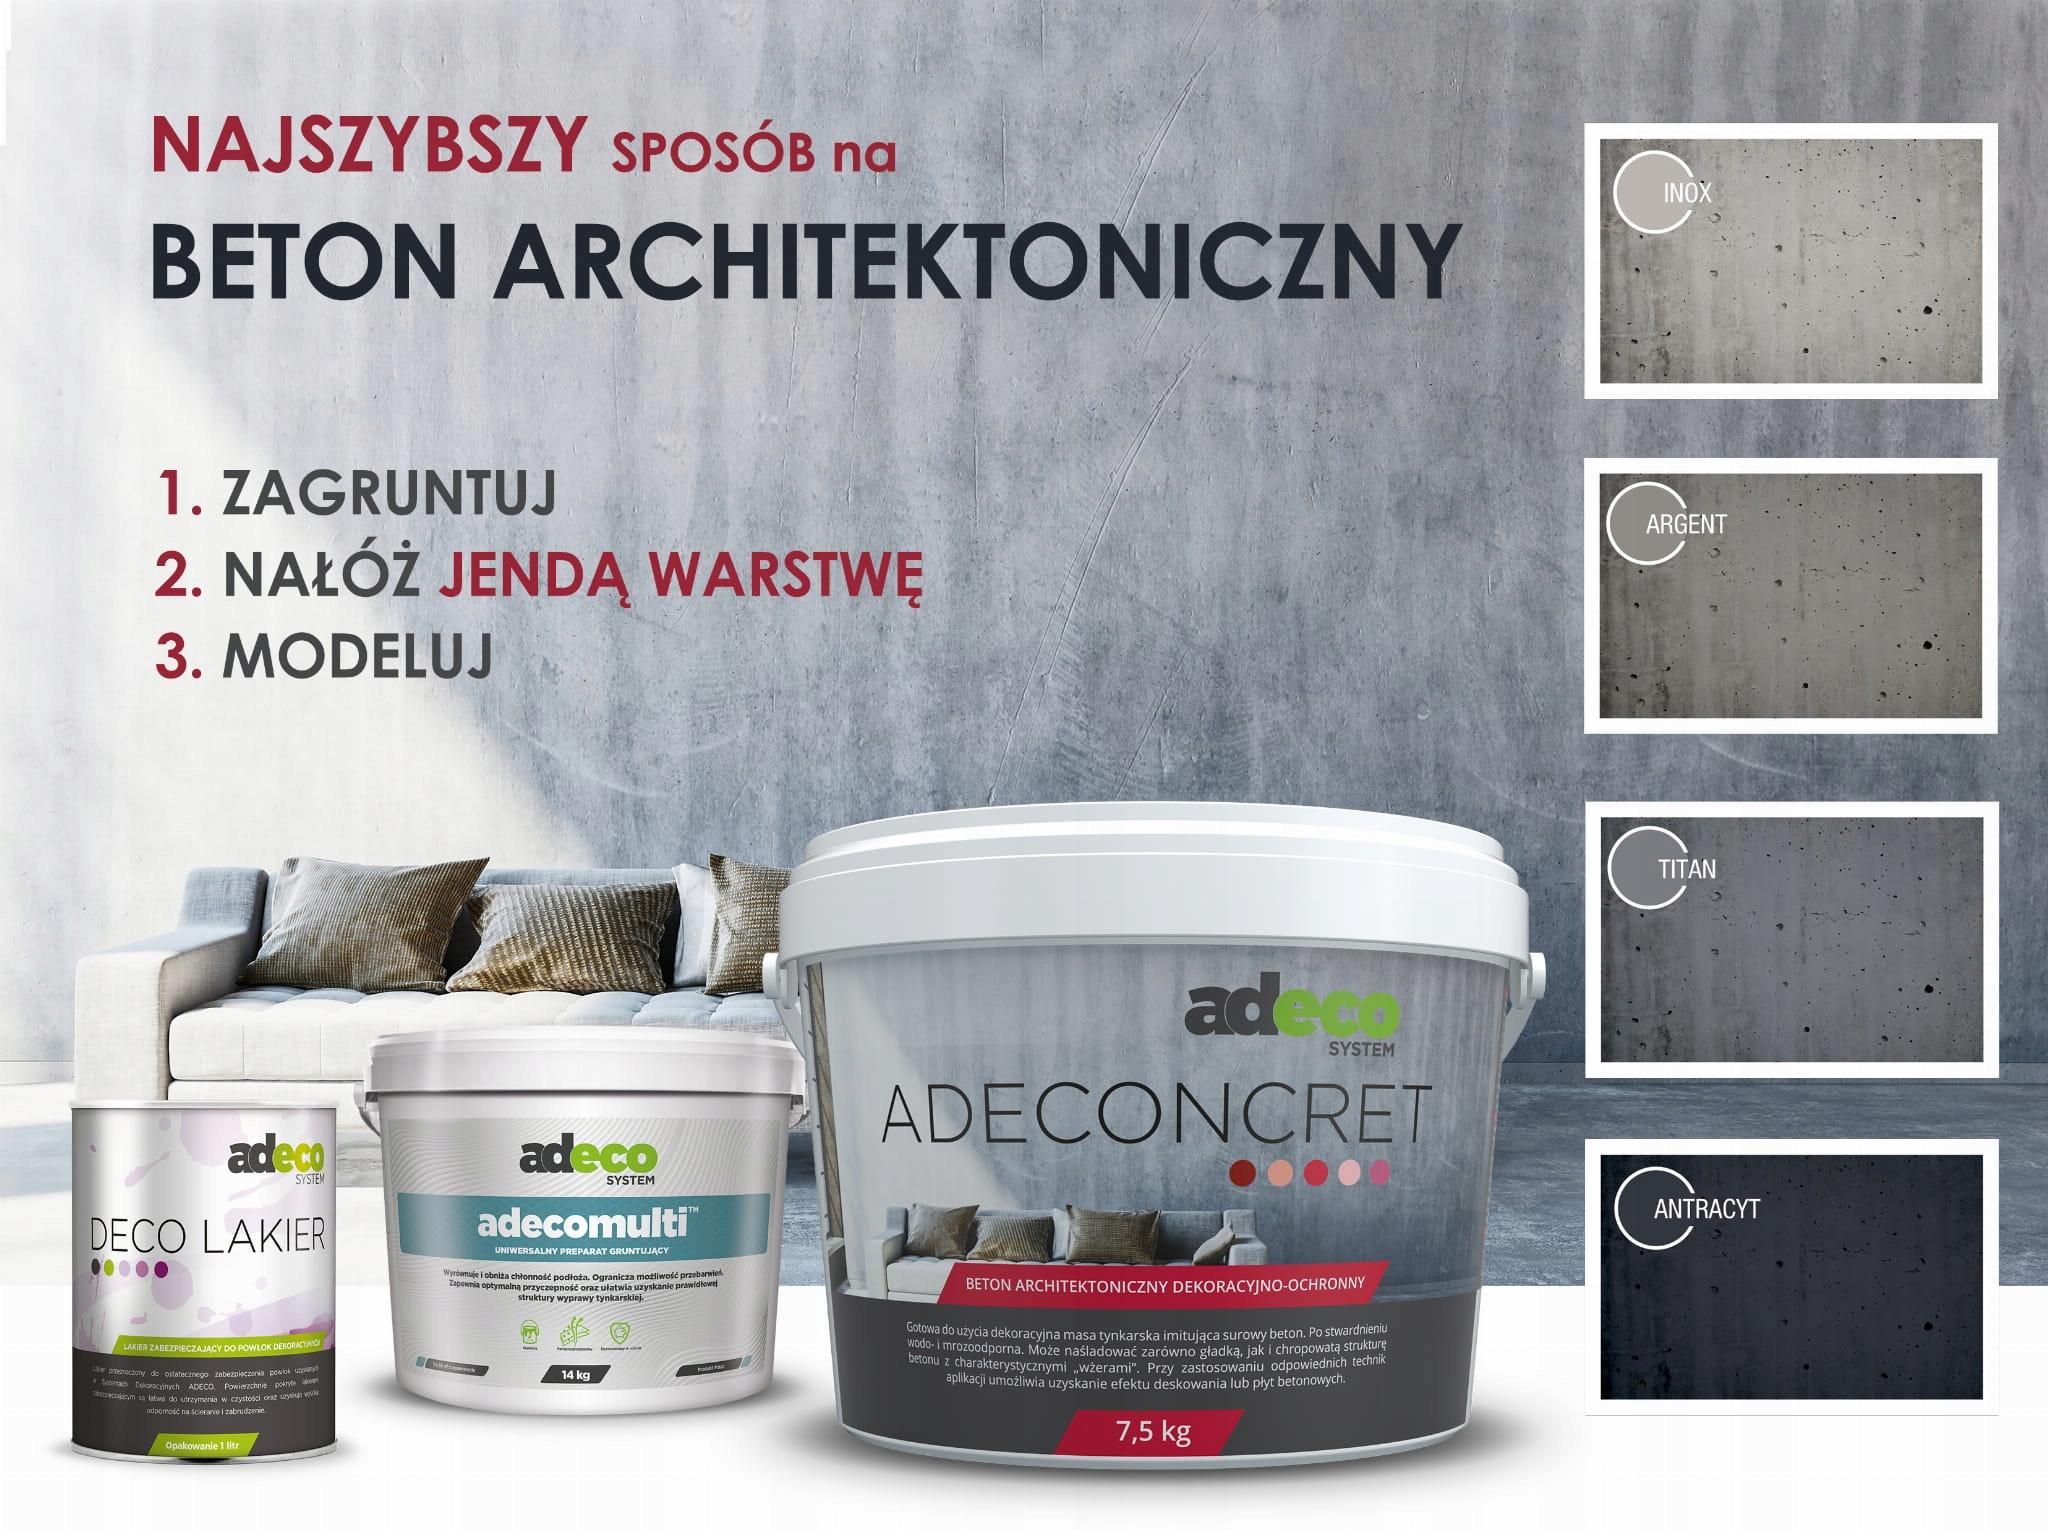 Beton architektoniczny zestaw gotowy do użycia